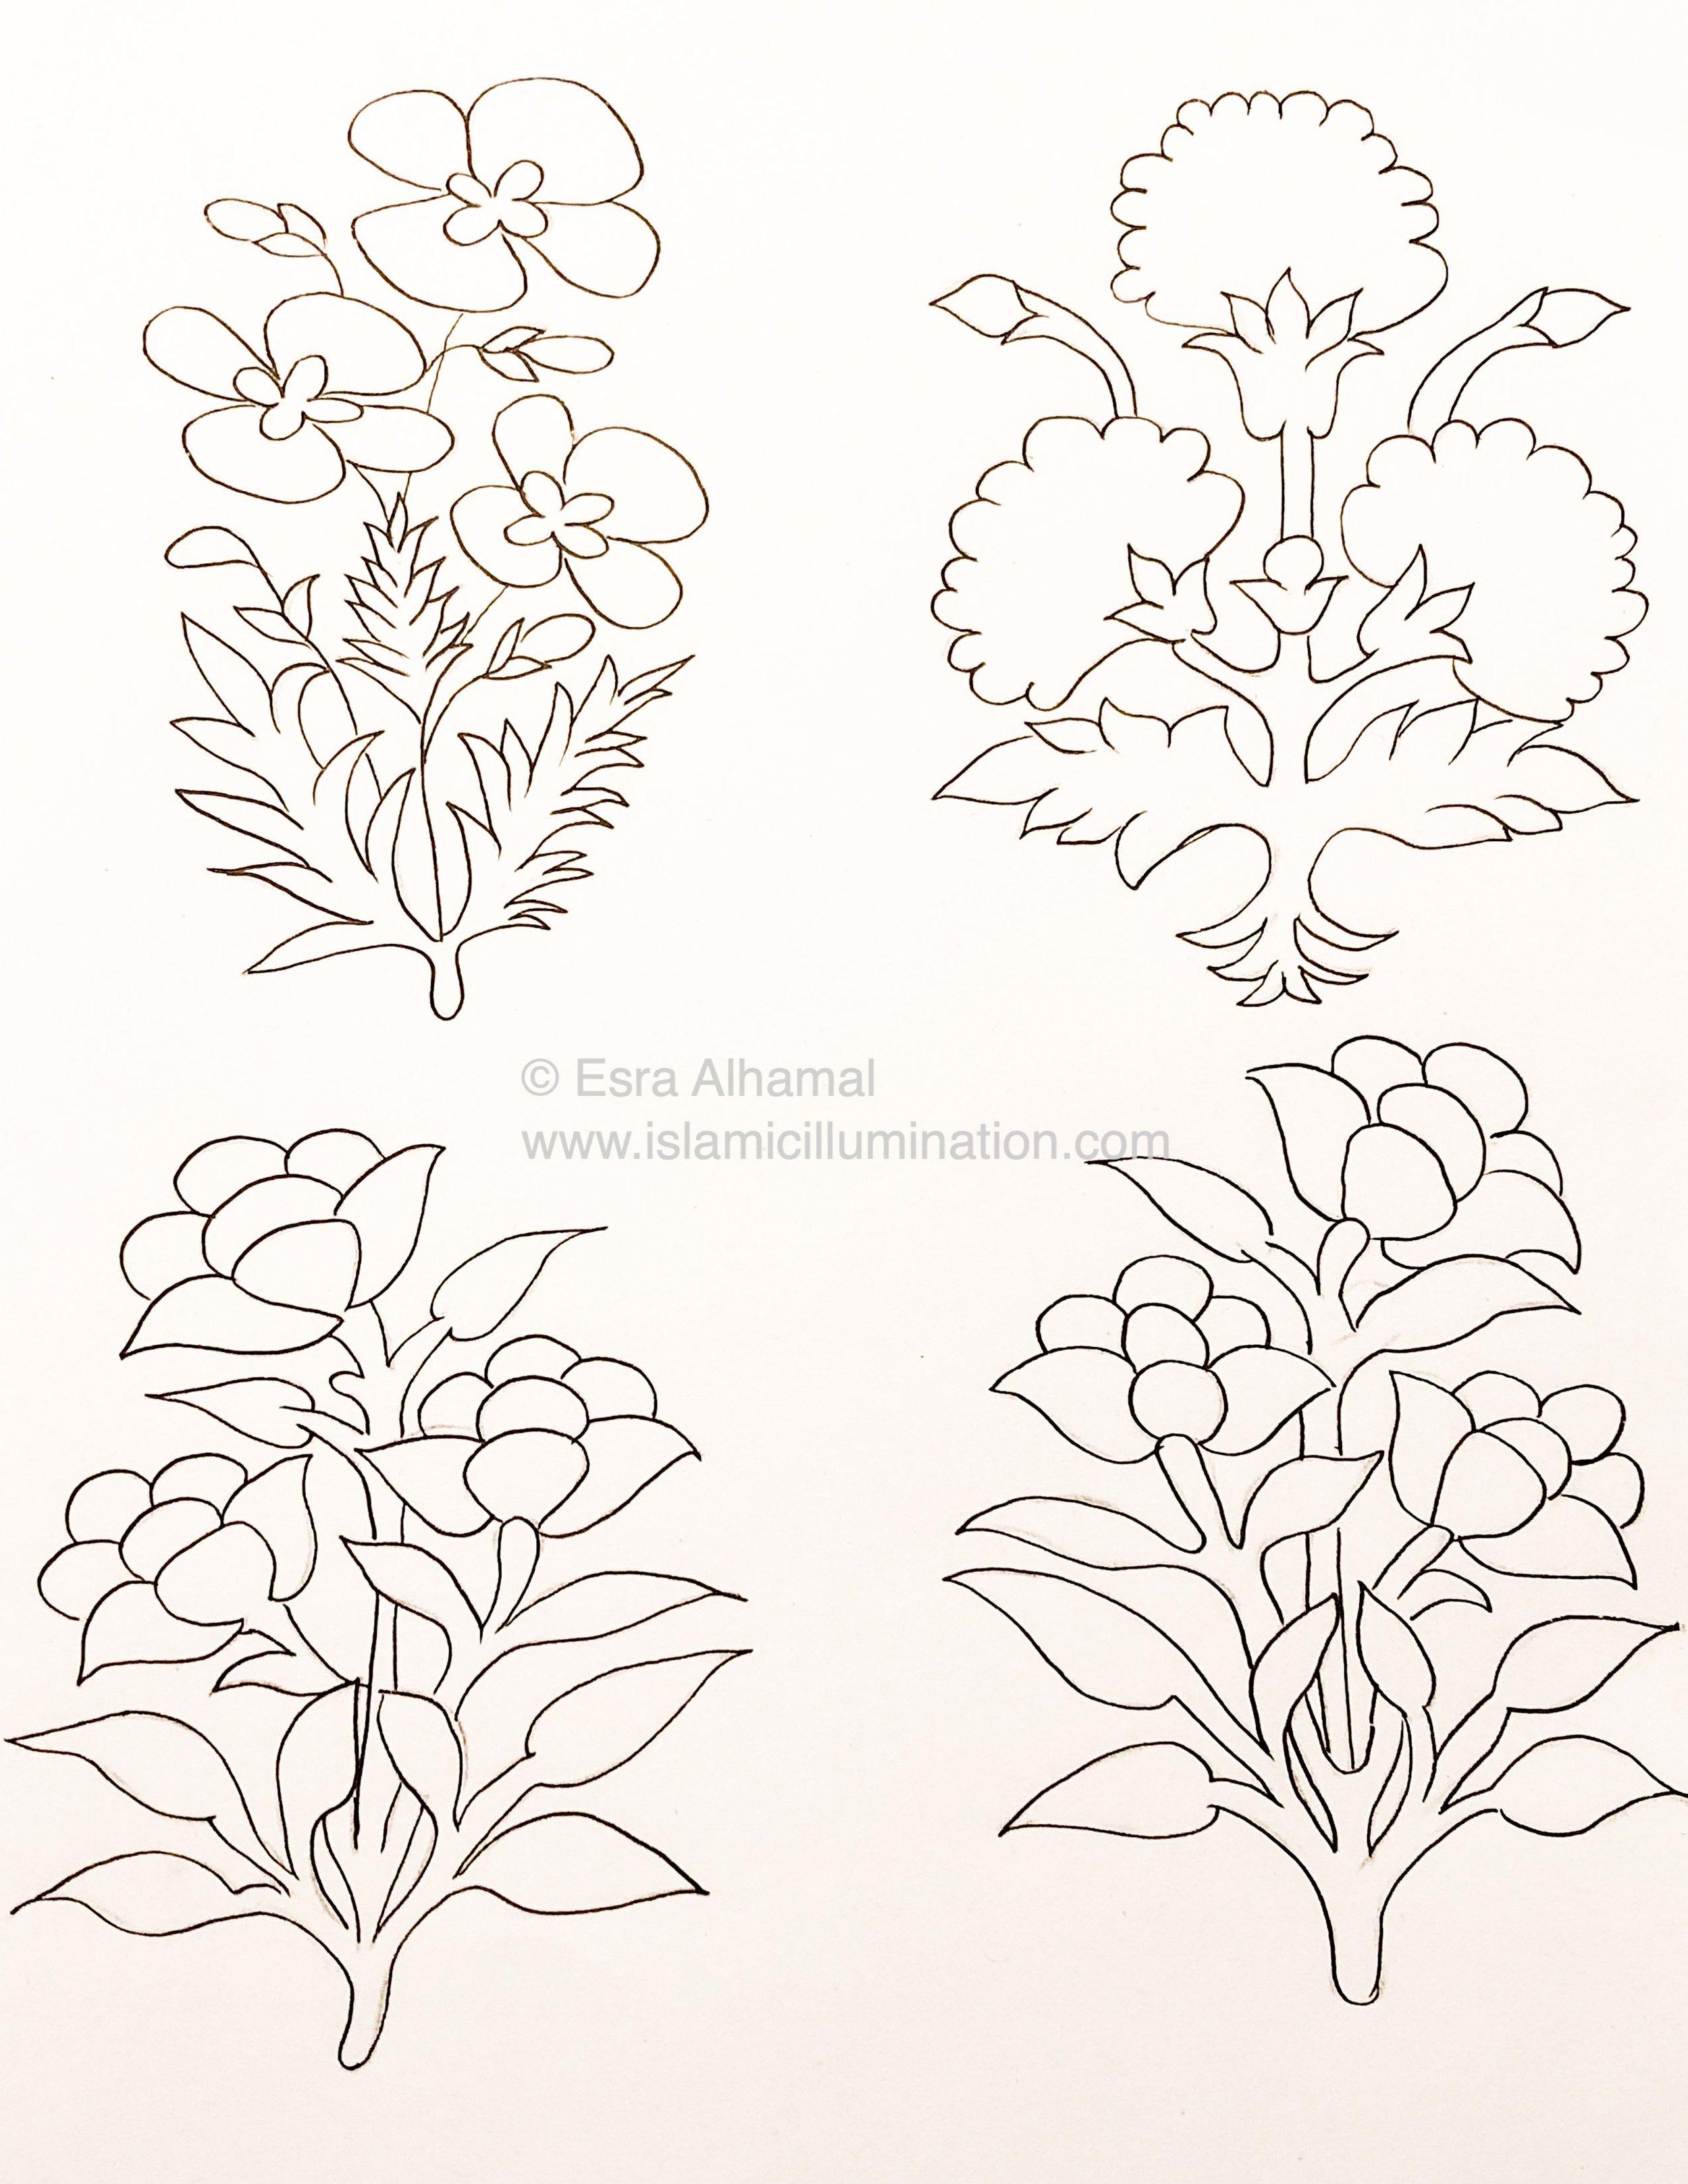 Golden Flower Challenge | start from the left 9, 10, 11, 12